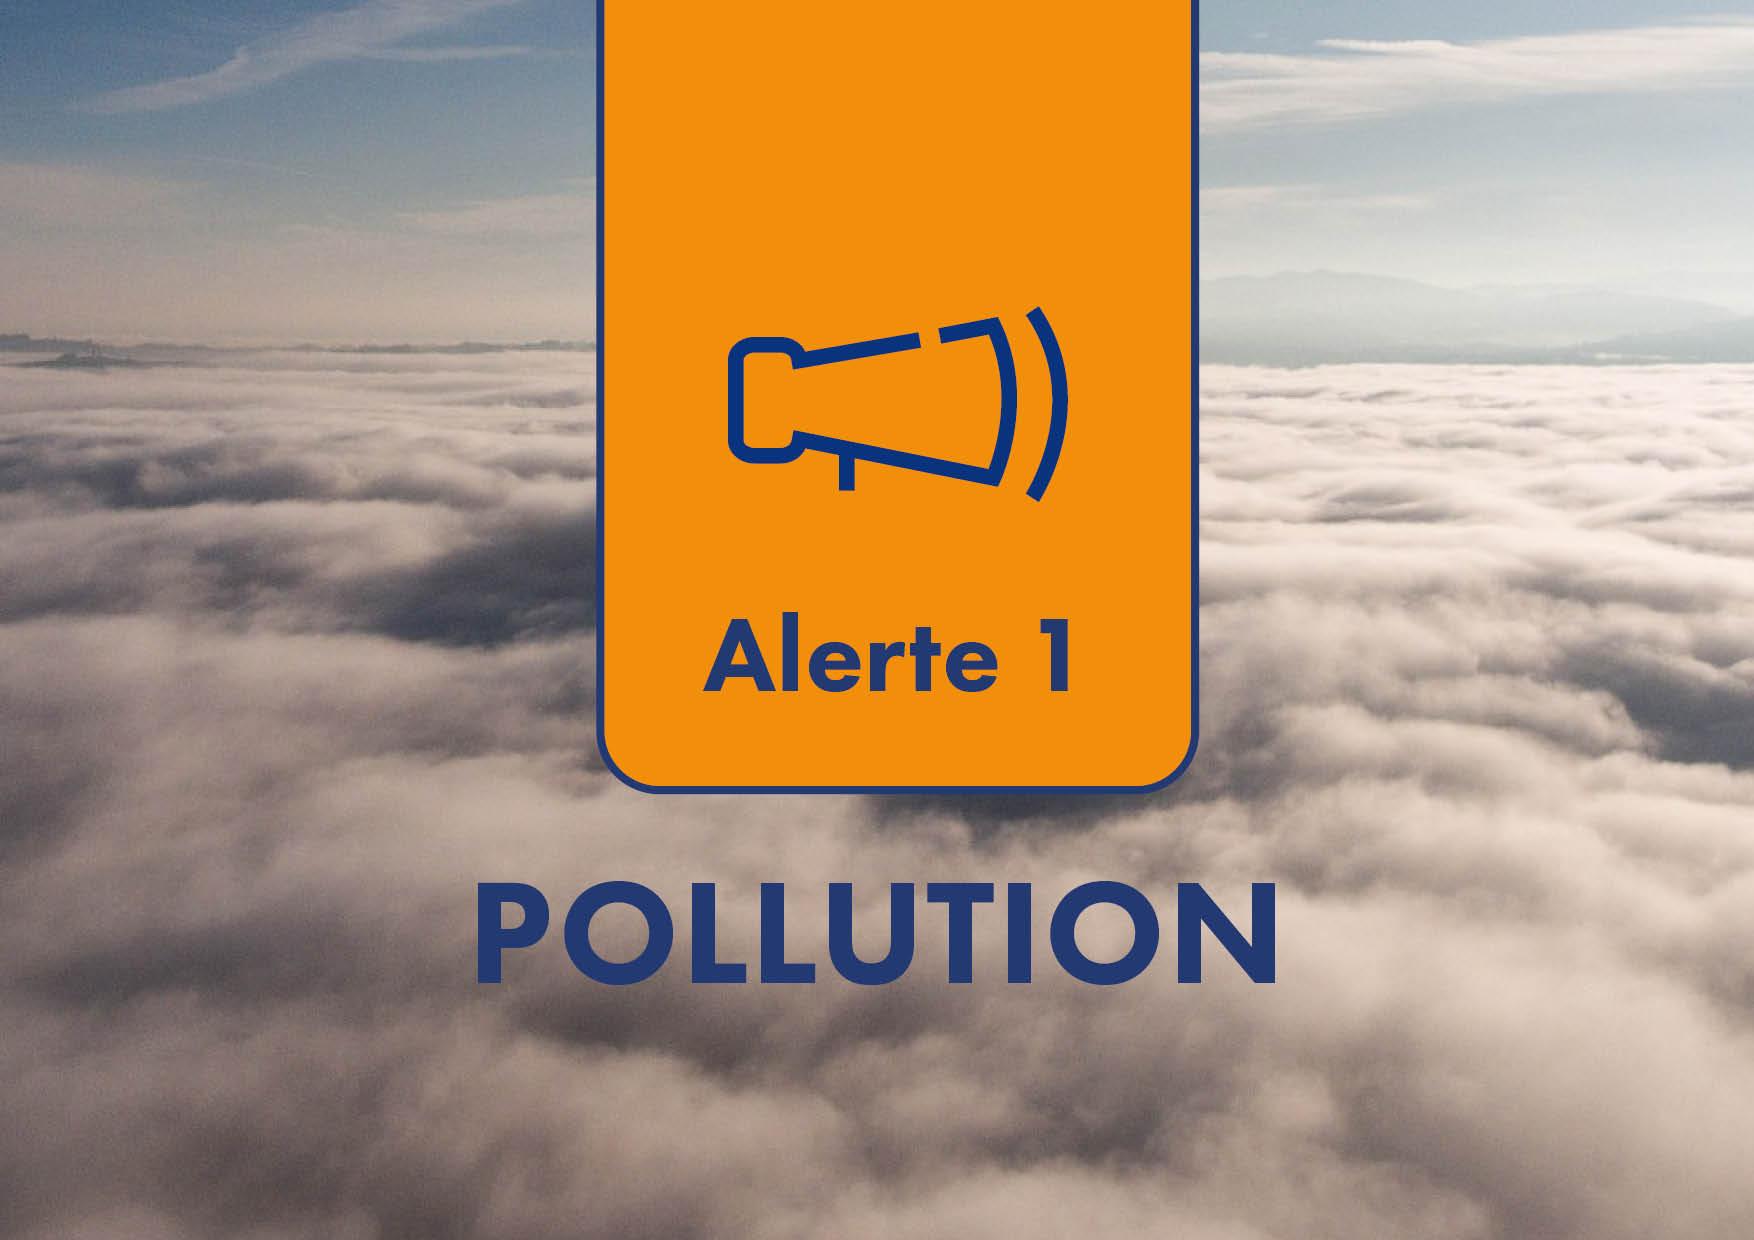 Visuel pollution alerte 1.jpg